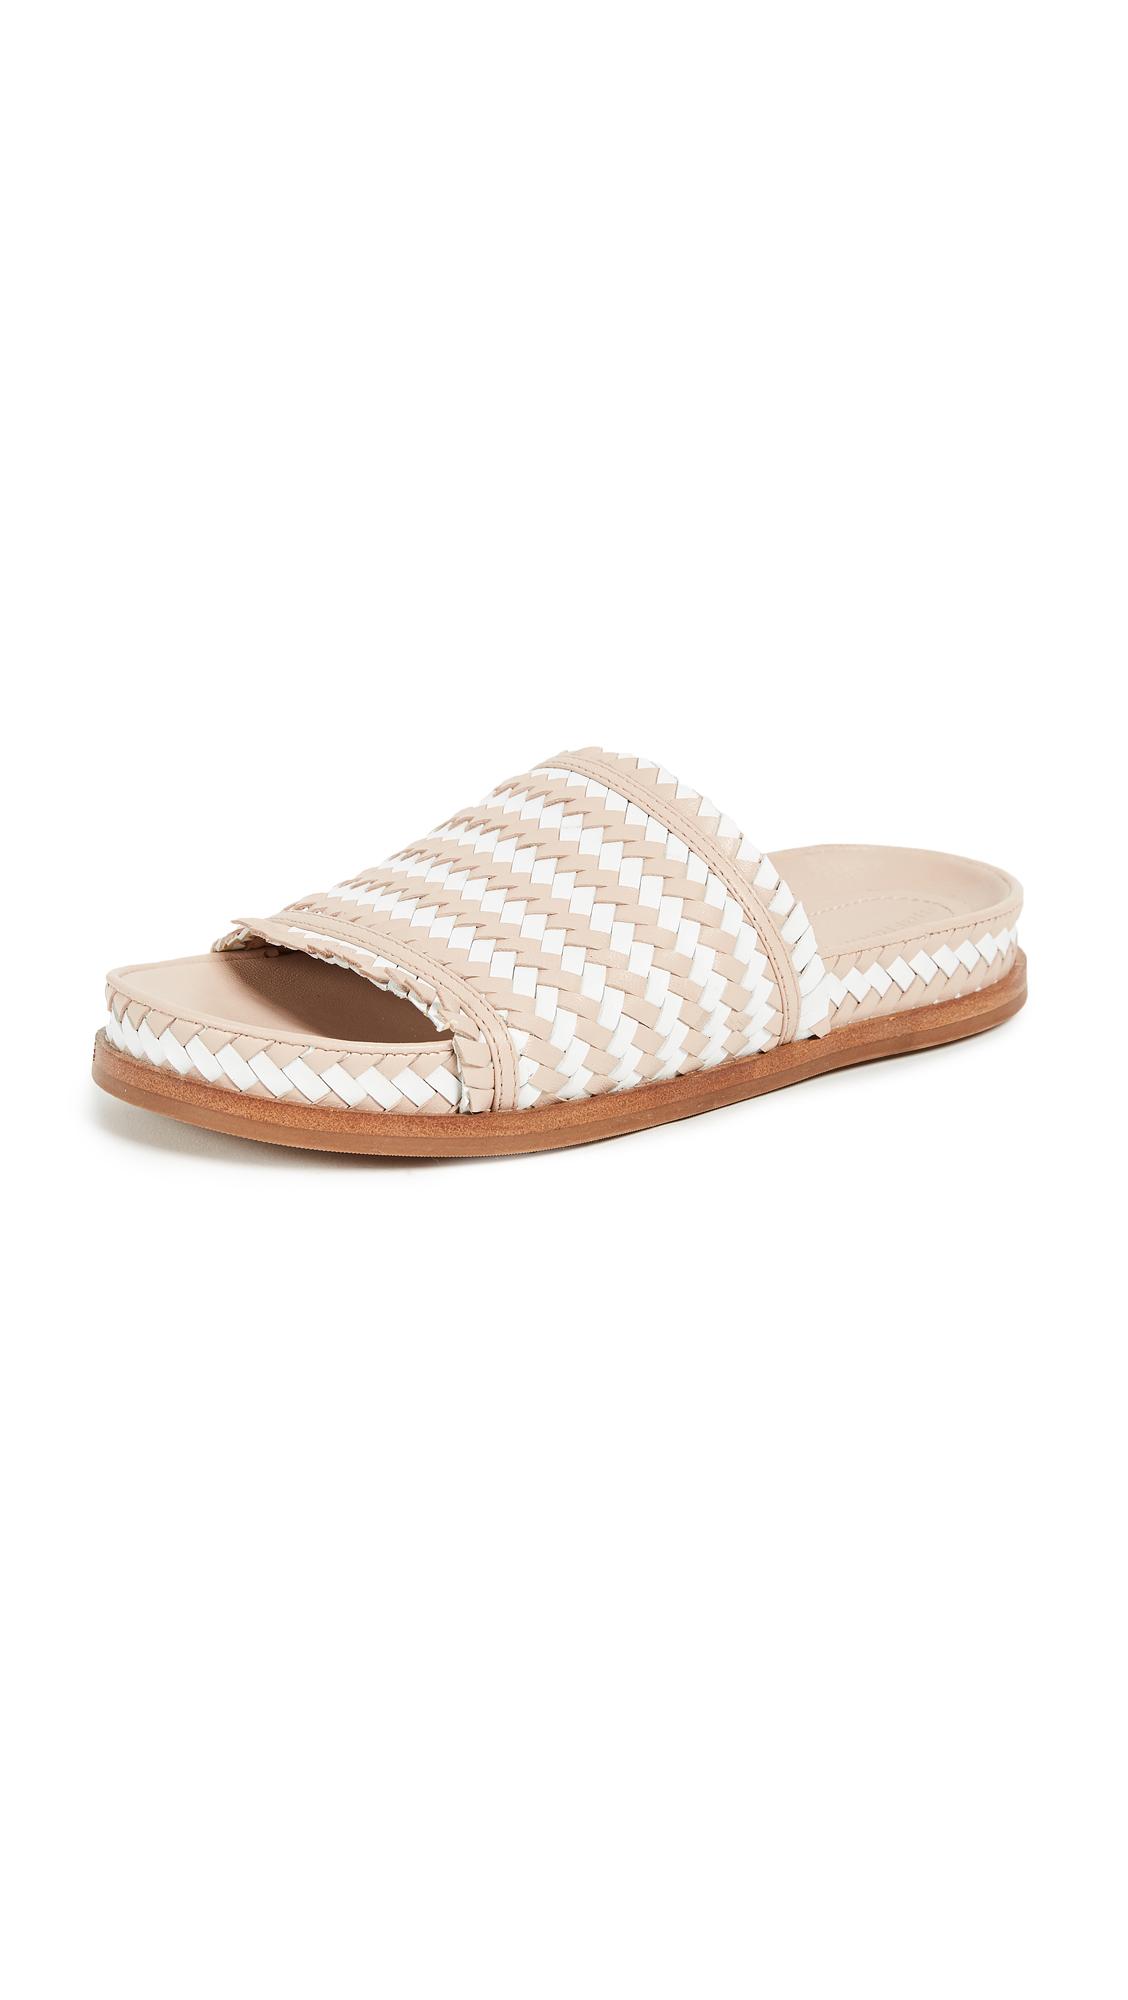 Sigerson Morrison Aoven Woven Sandals